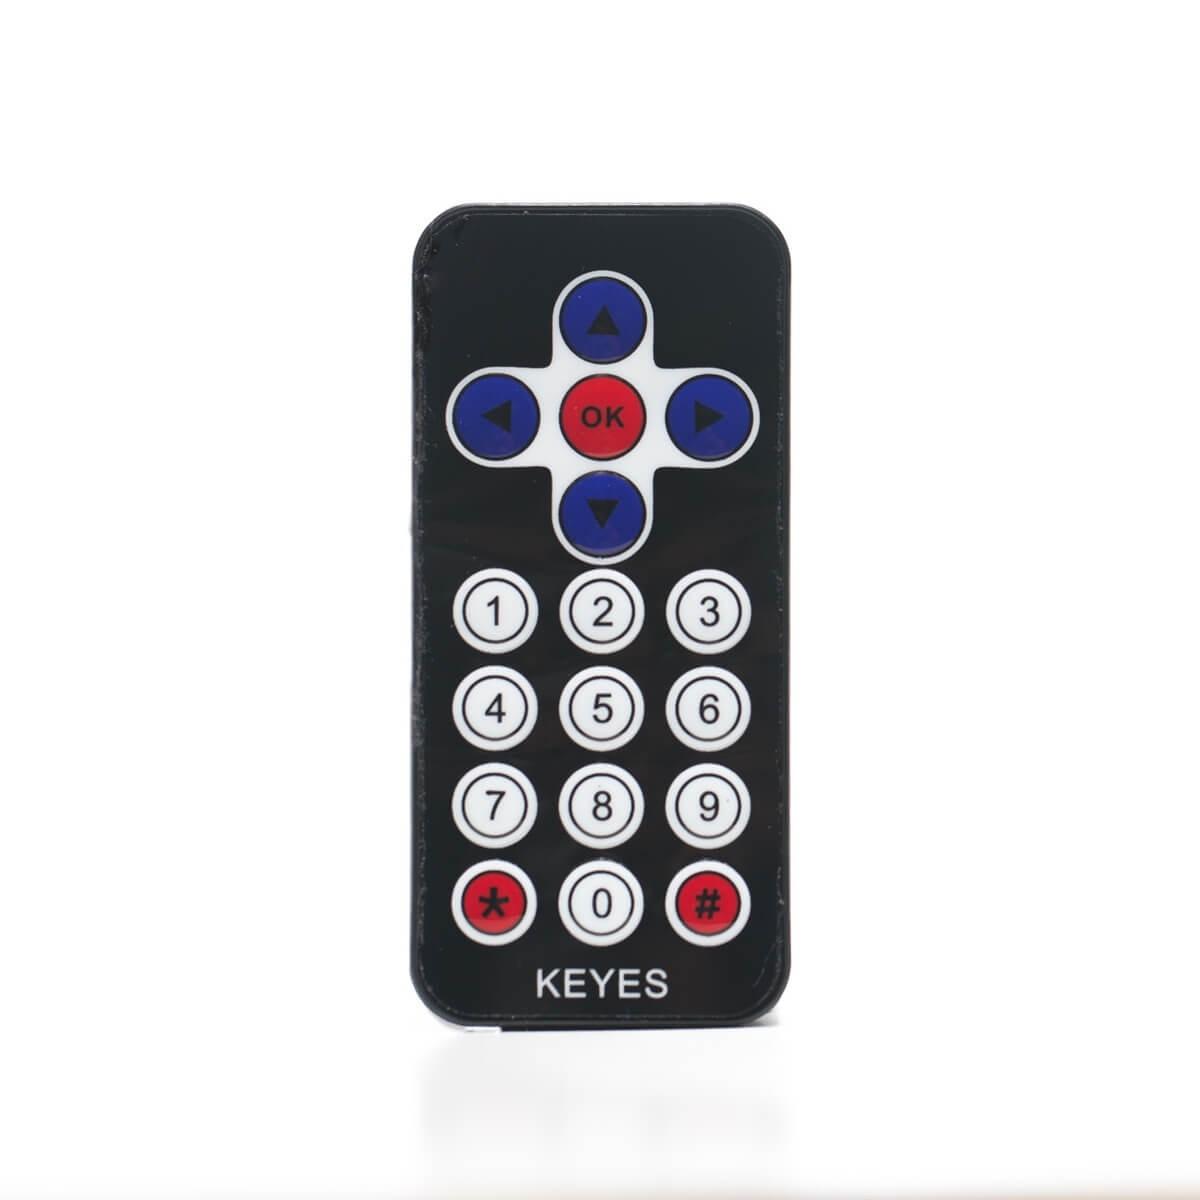 Infrared Remote Control